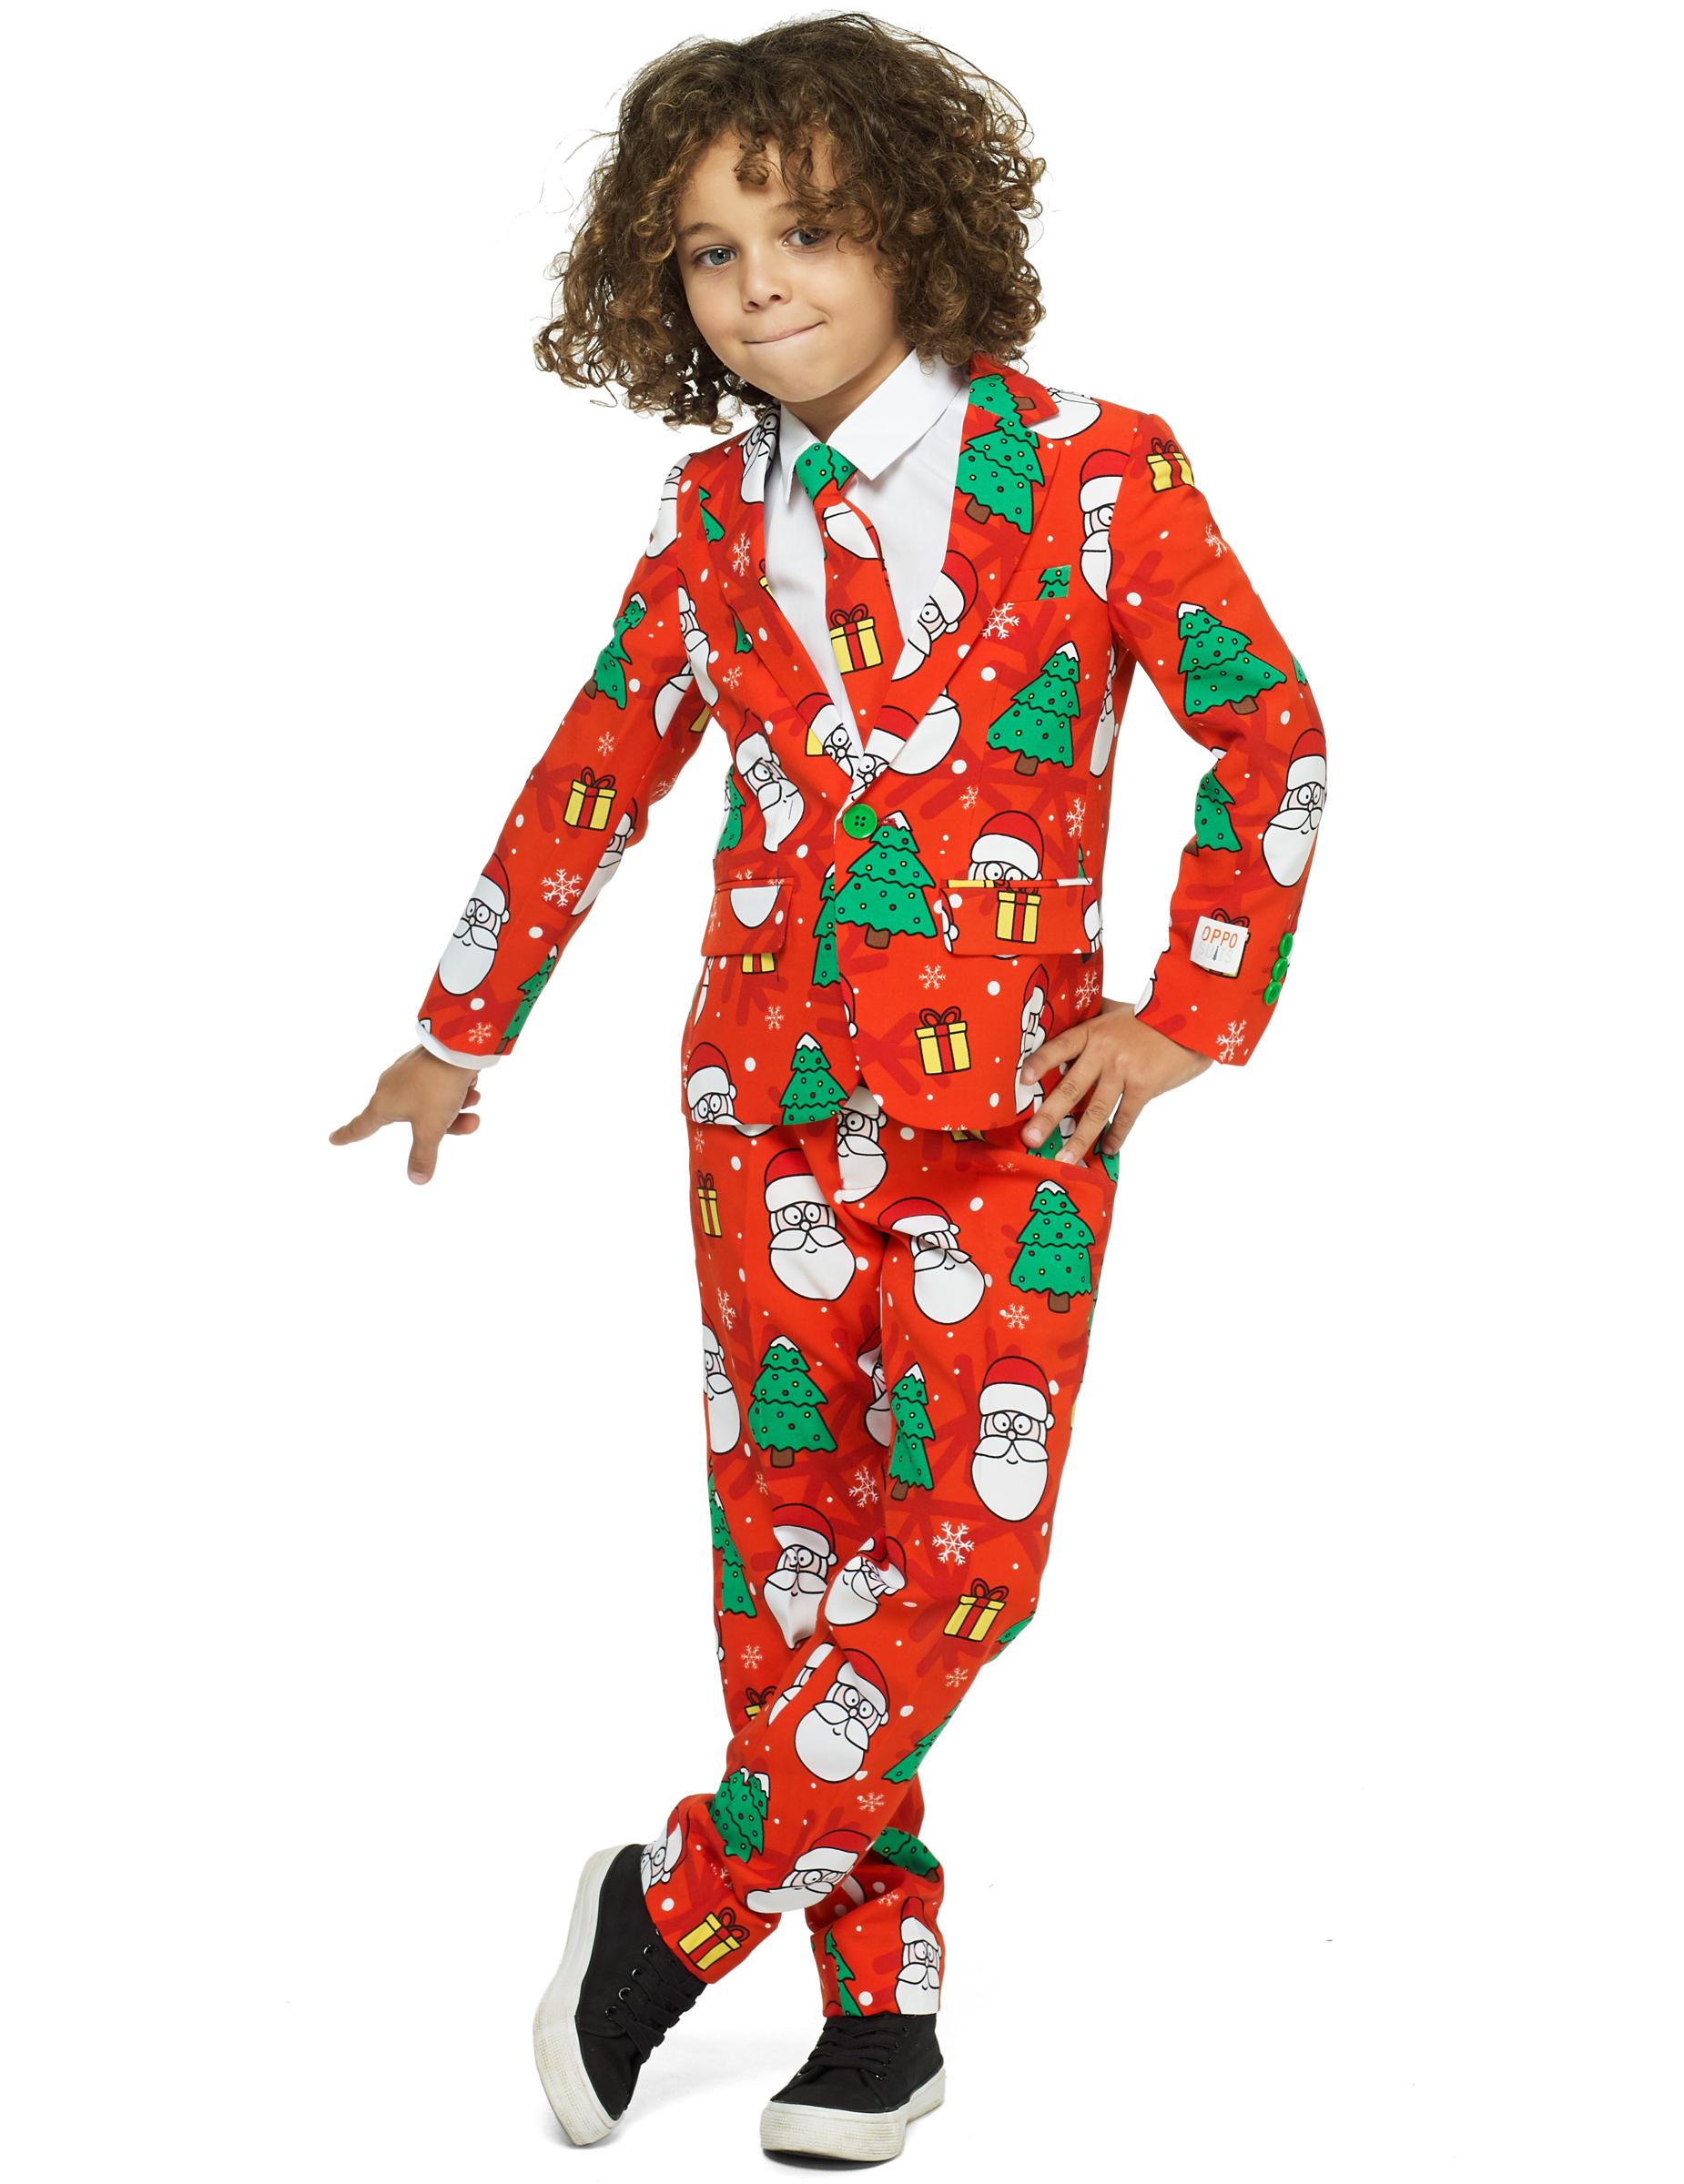 mr holiday opposuits anzug f r kinder weihnachten bunt. Black Bedroom Furniture Sets. Home Design Ideas